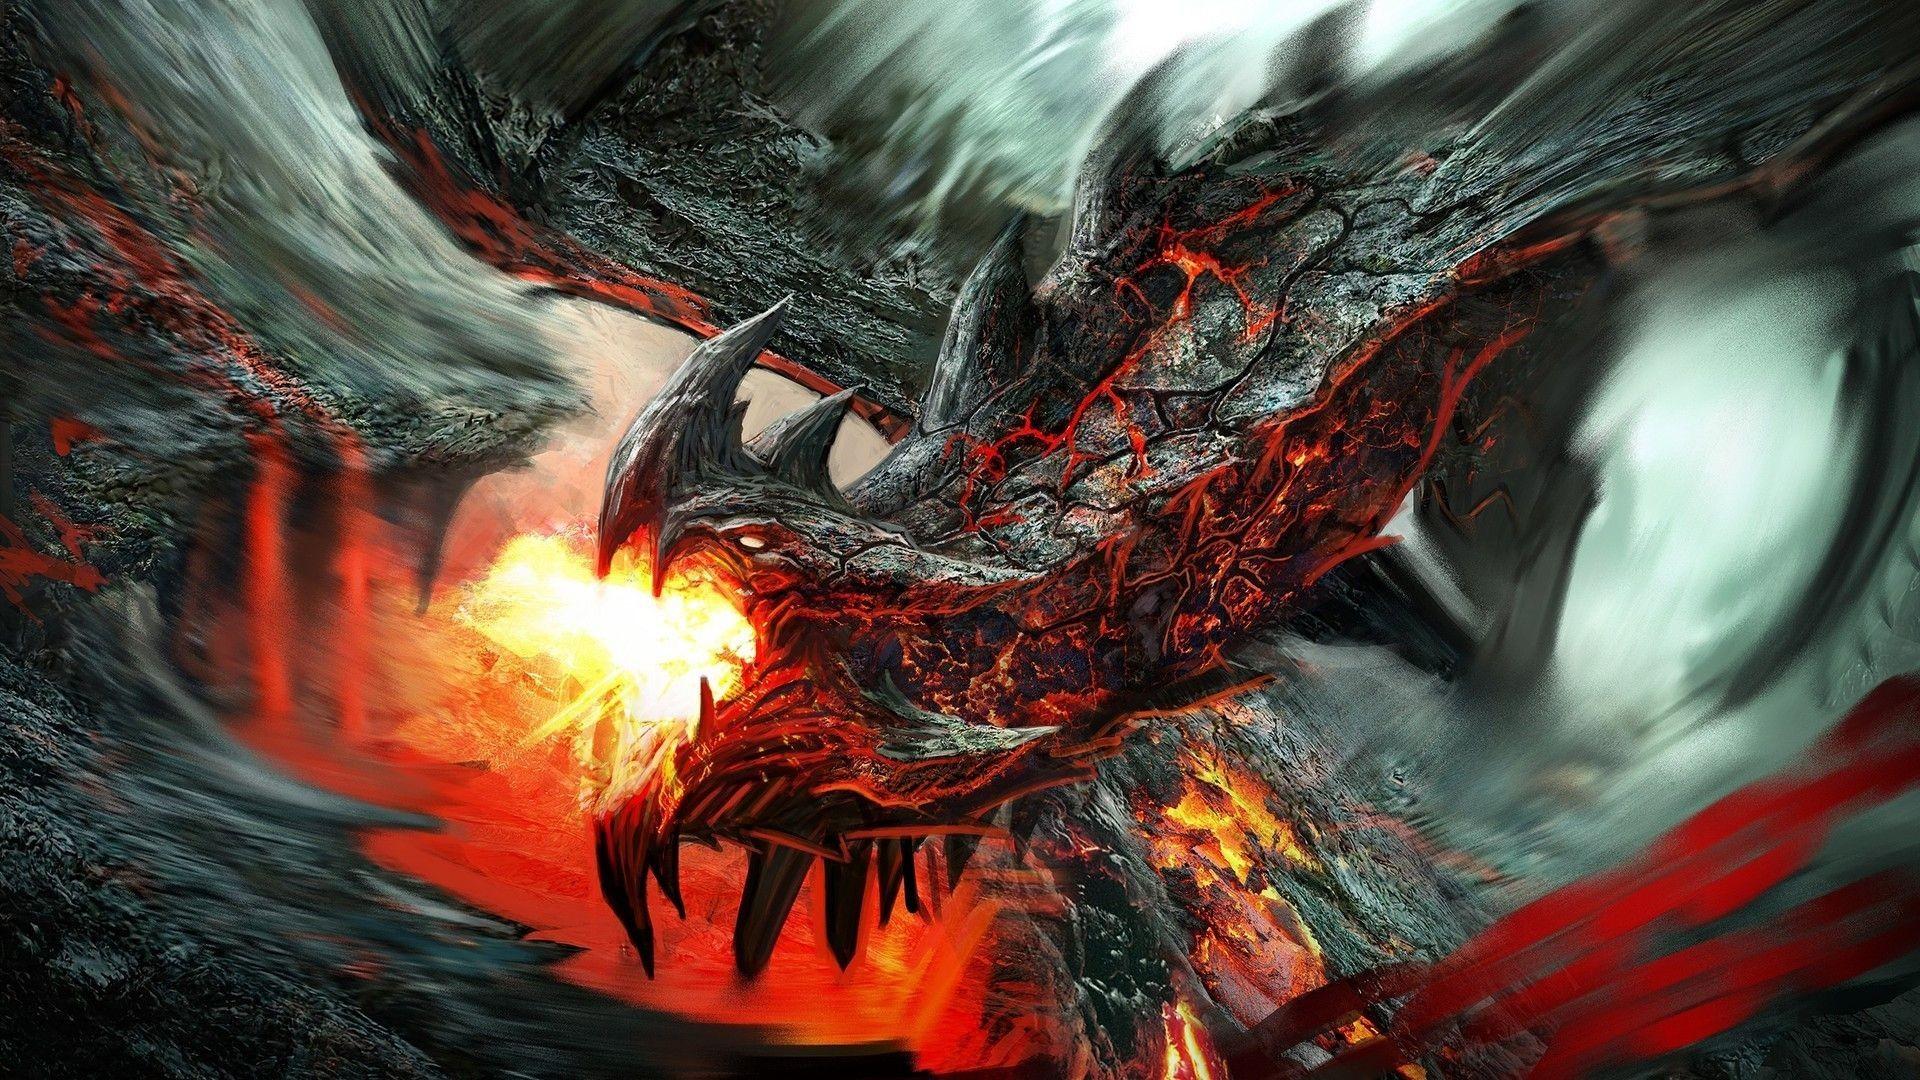 HD Dragon Wallpaper